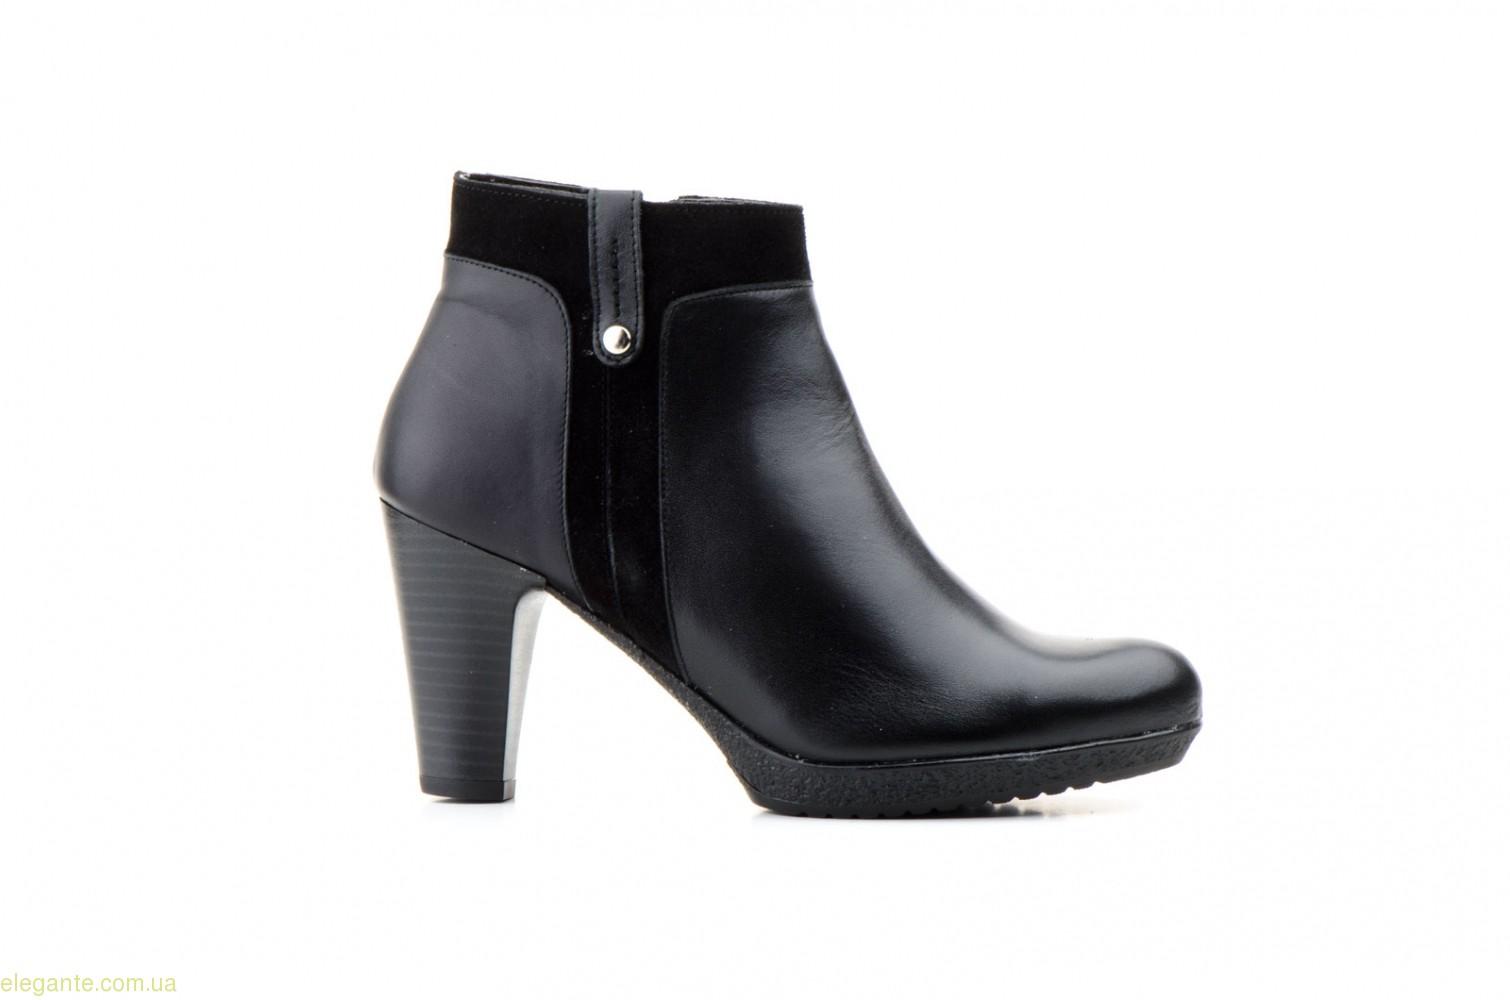 Женские ботинки AGATHA SHOES чёрные 0